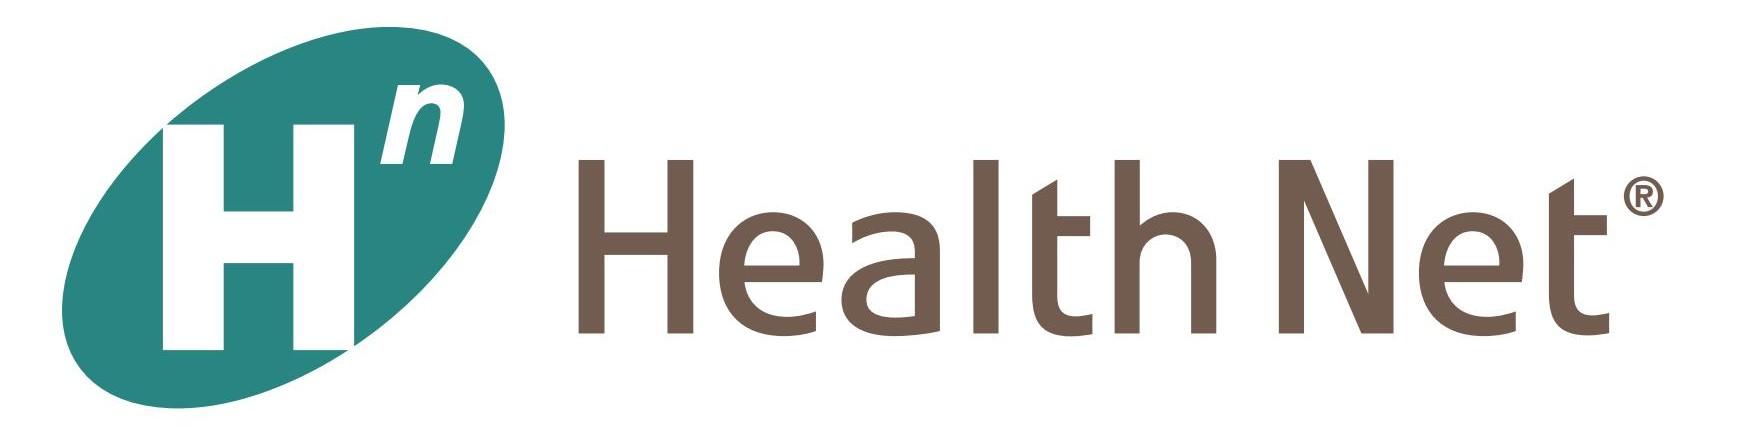 health-net-logo-1.jpg